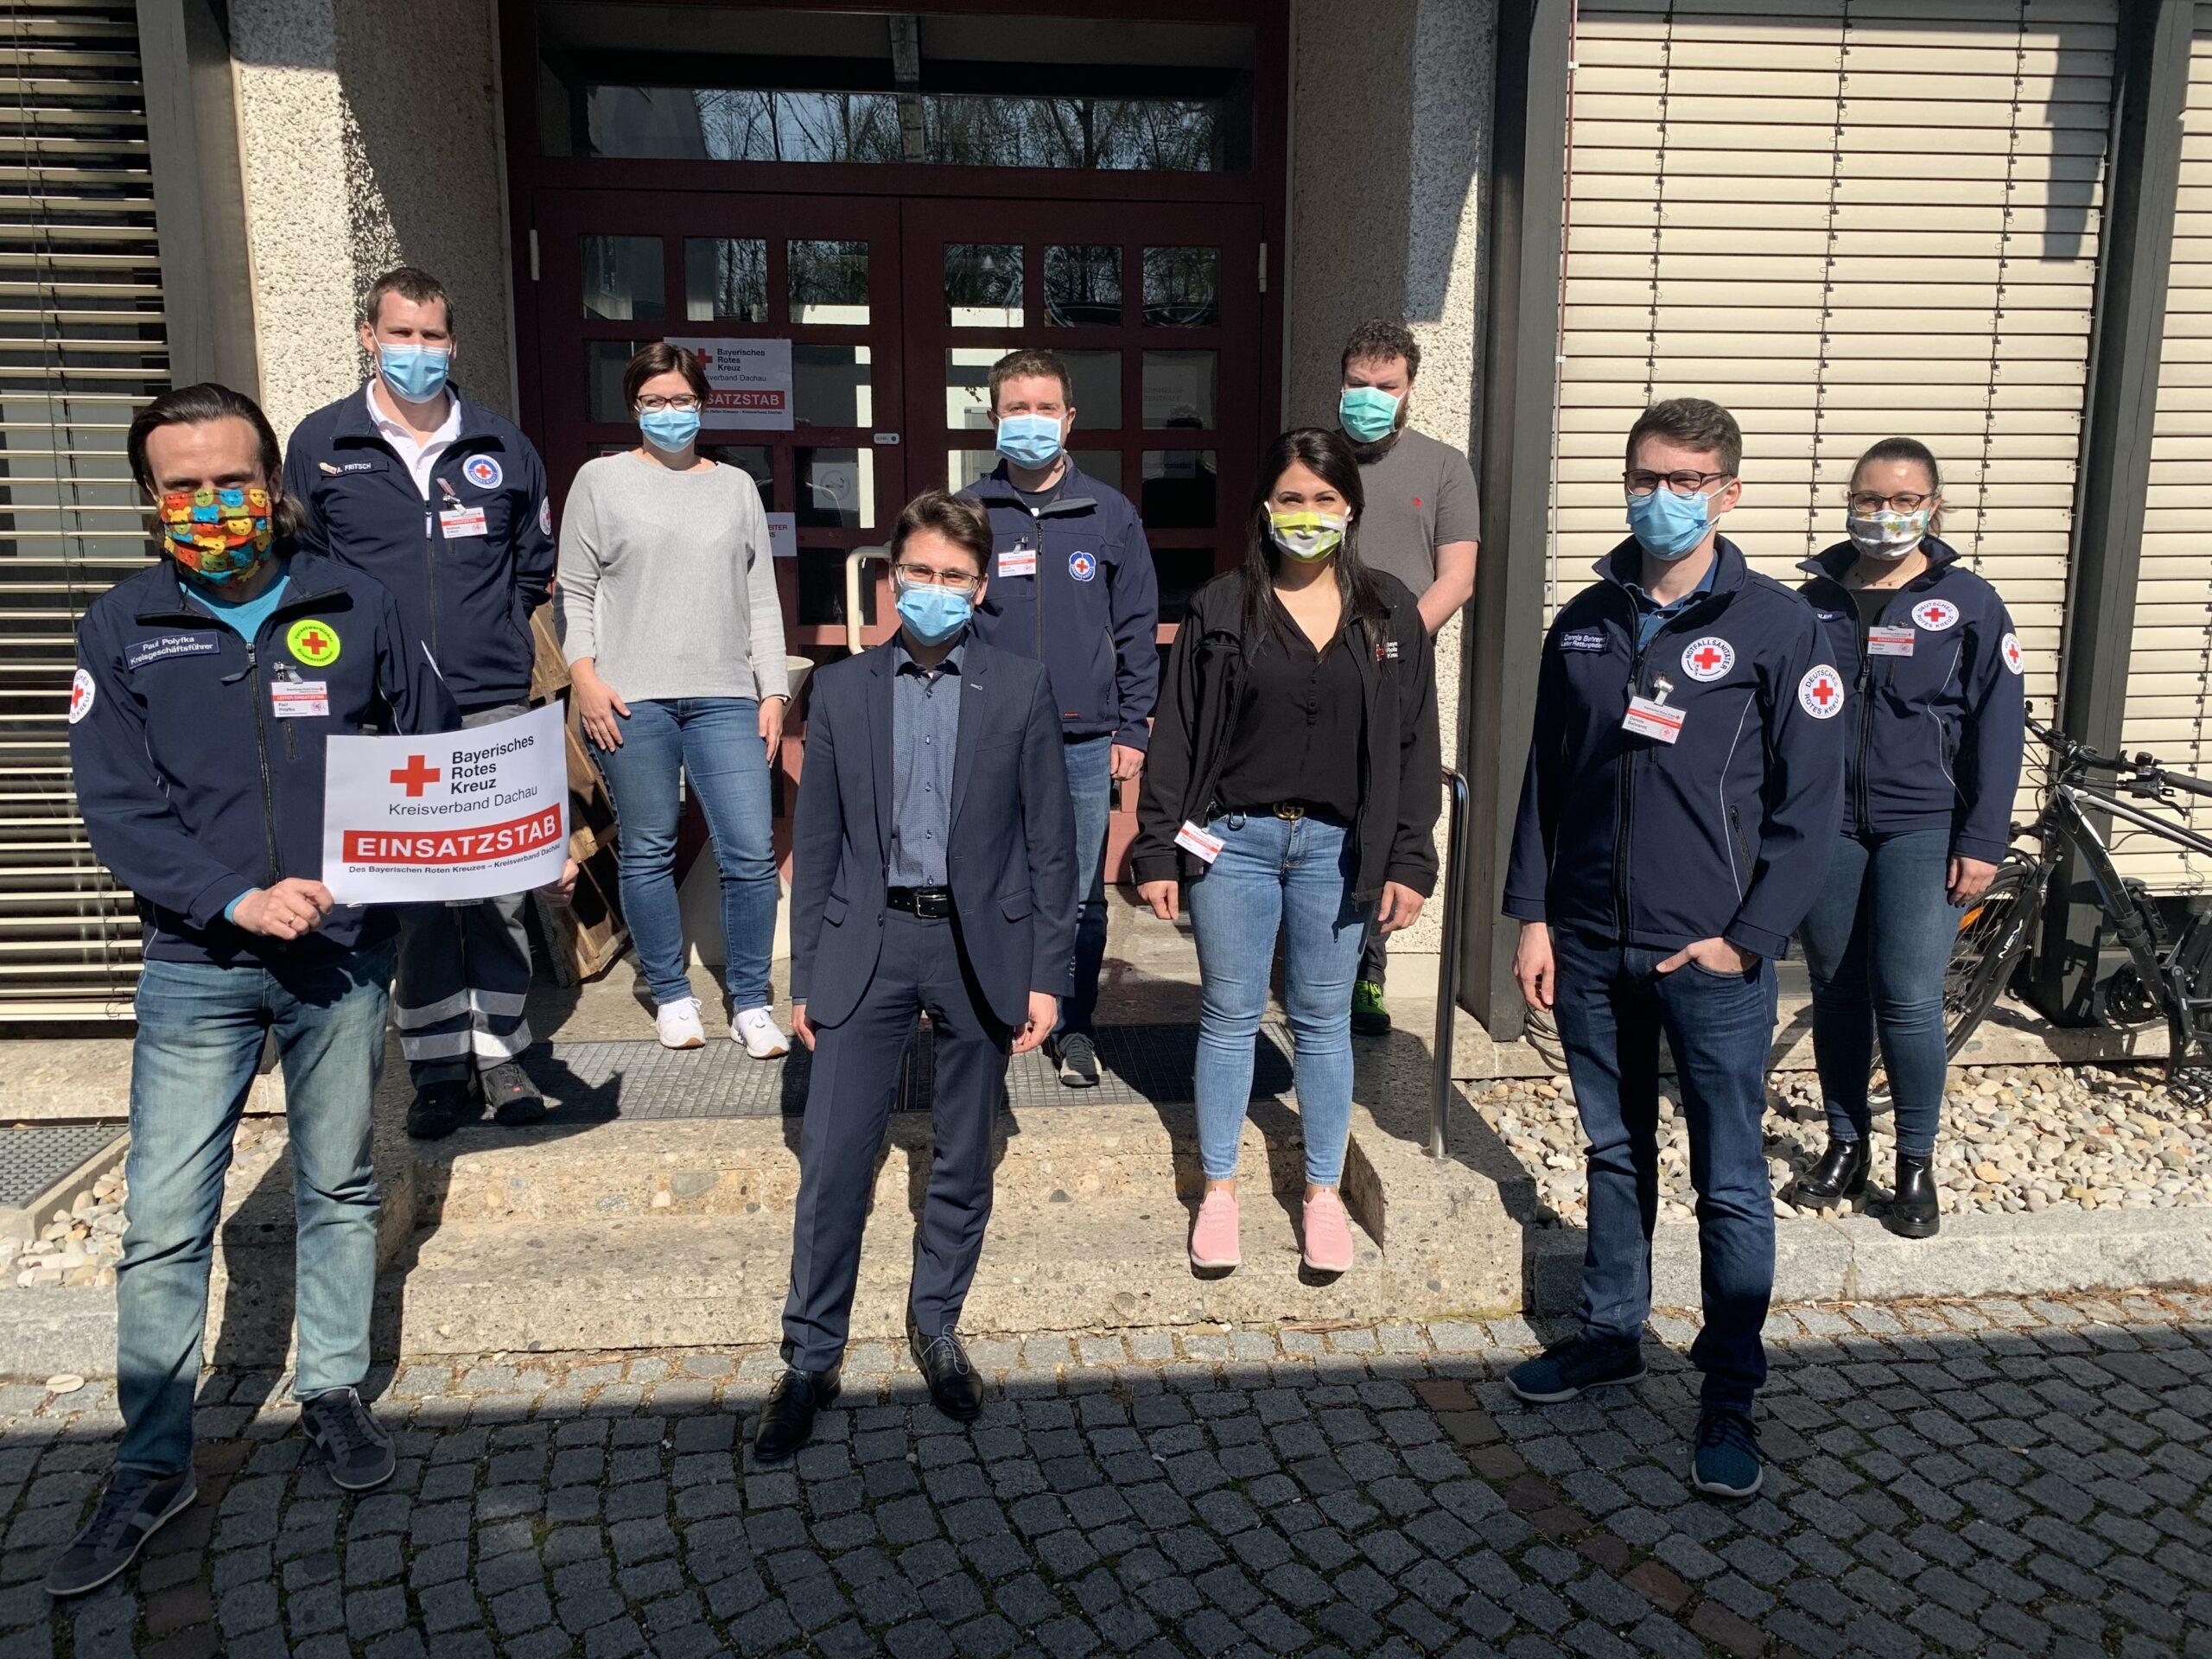 Foto: OB Florian Hartmann mit den Stabsmitgliedern am Rotkreuzplatz